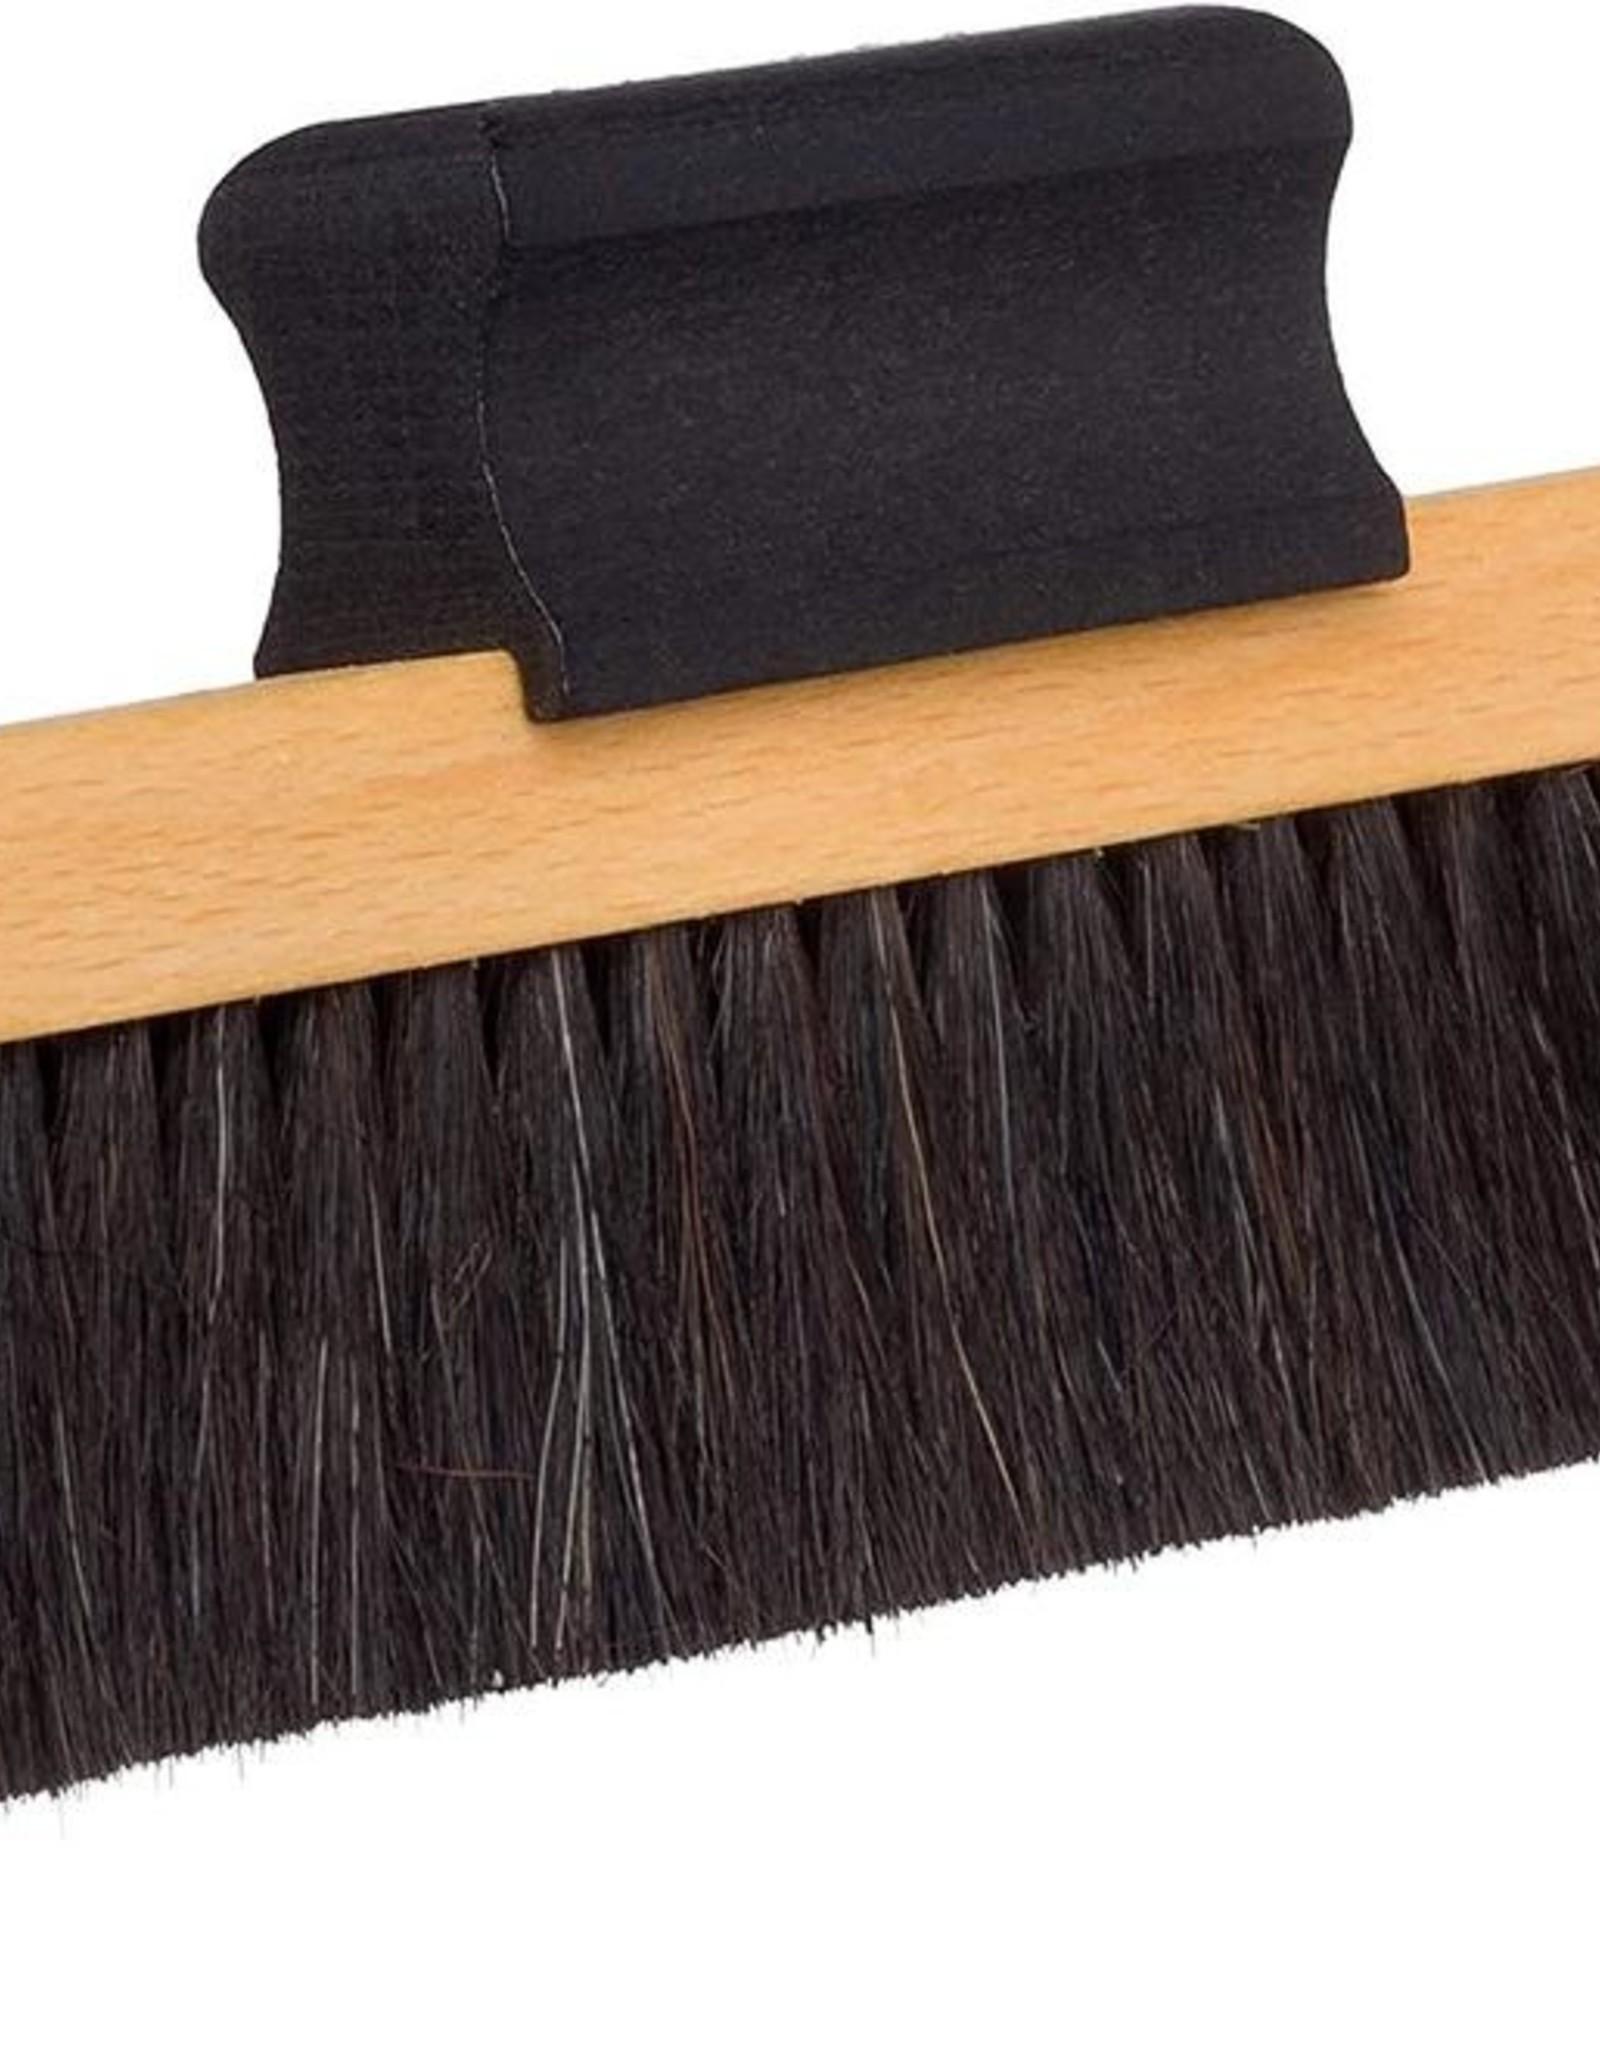 Record Brush